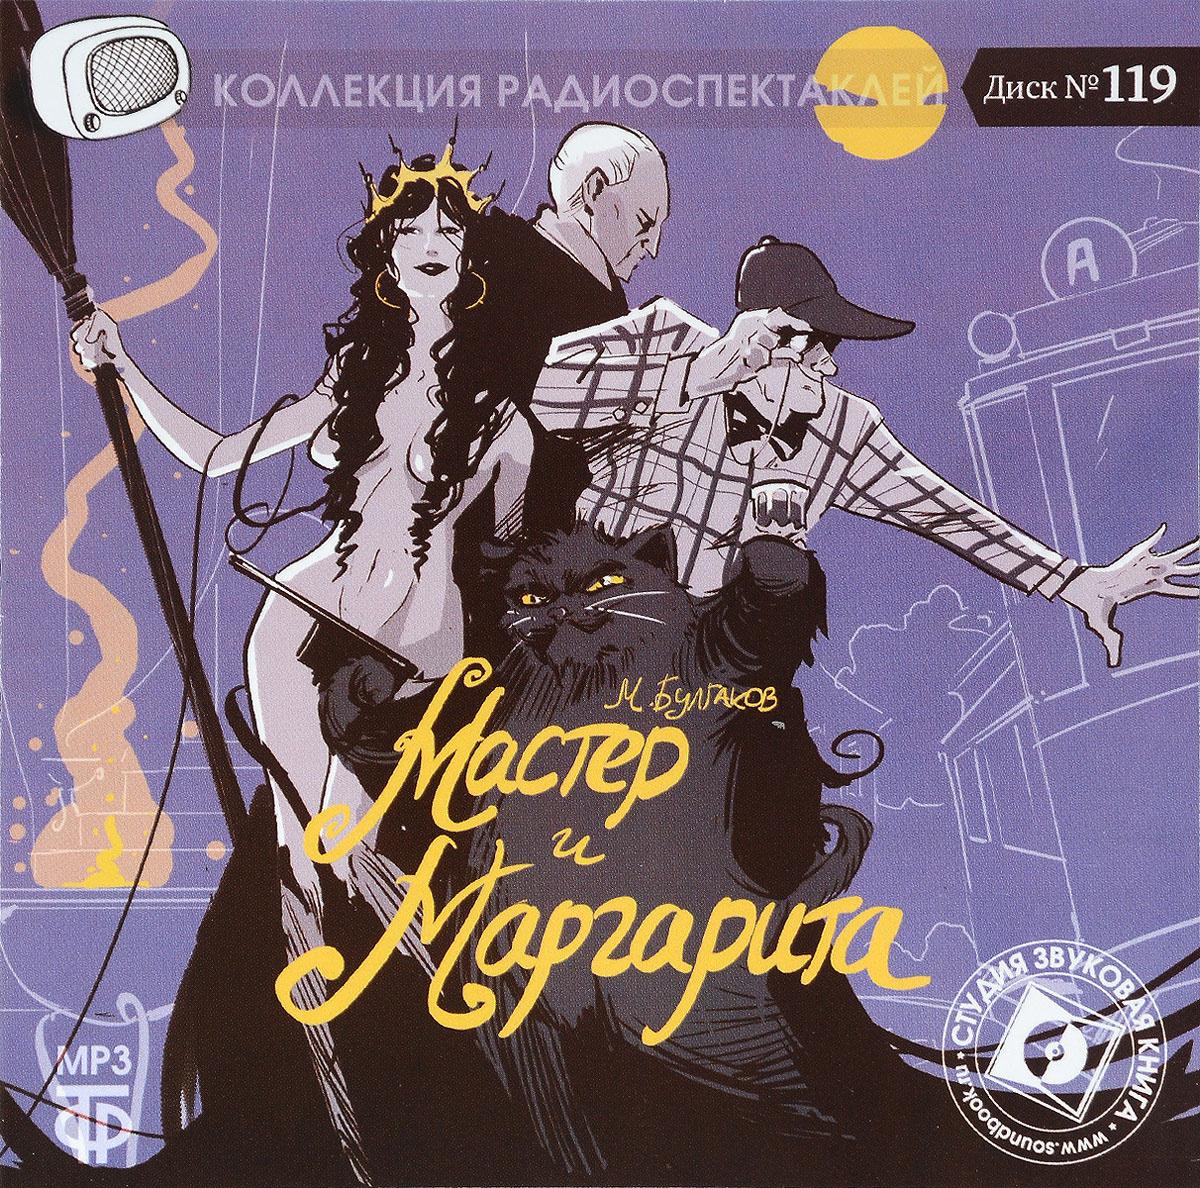 Мастер и Маргарита (аудиокнига МР3) | Булгаков Михаил Афанасьевич  #1